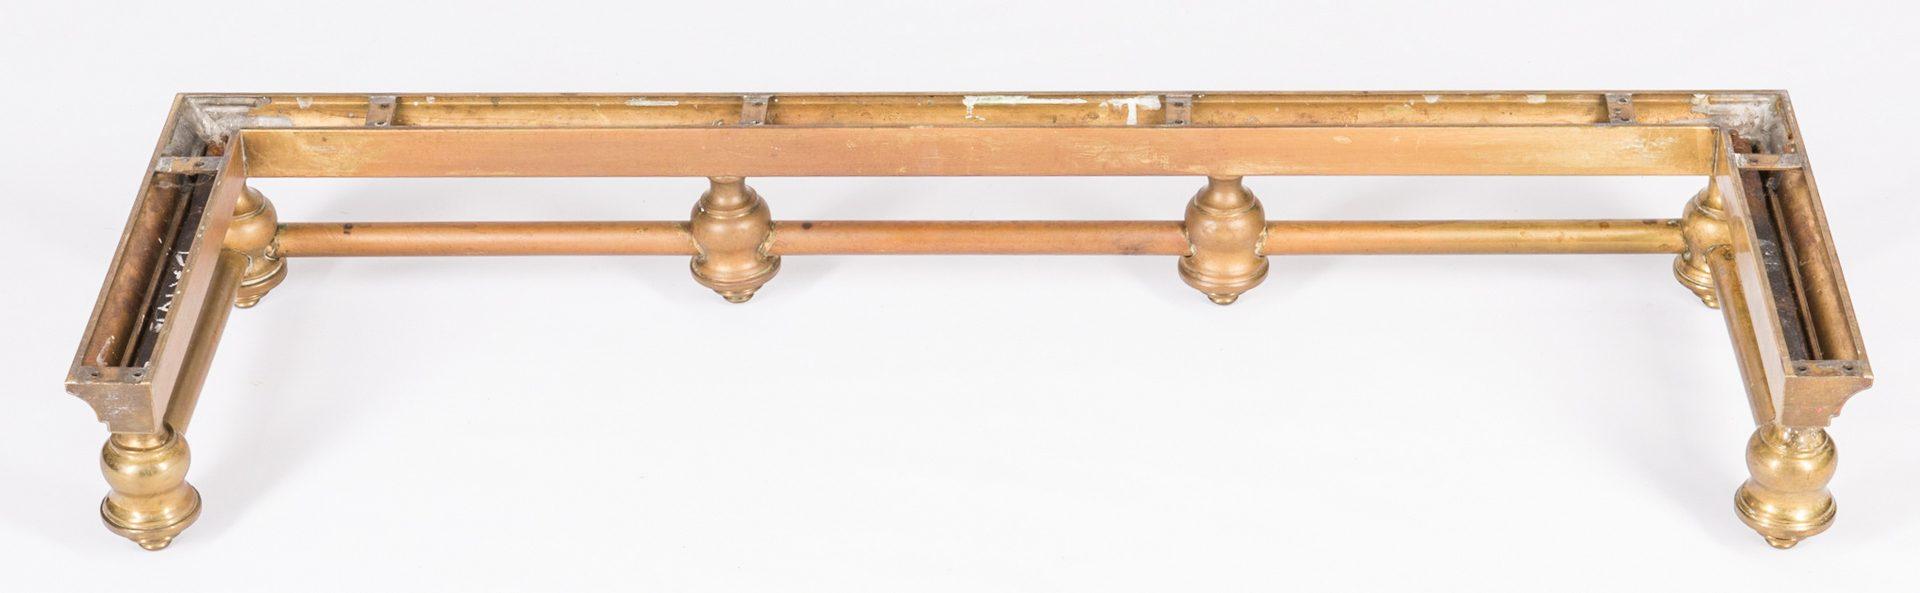 Lot 713: 3 Brass Fireplace Fenders